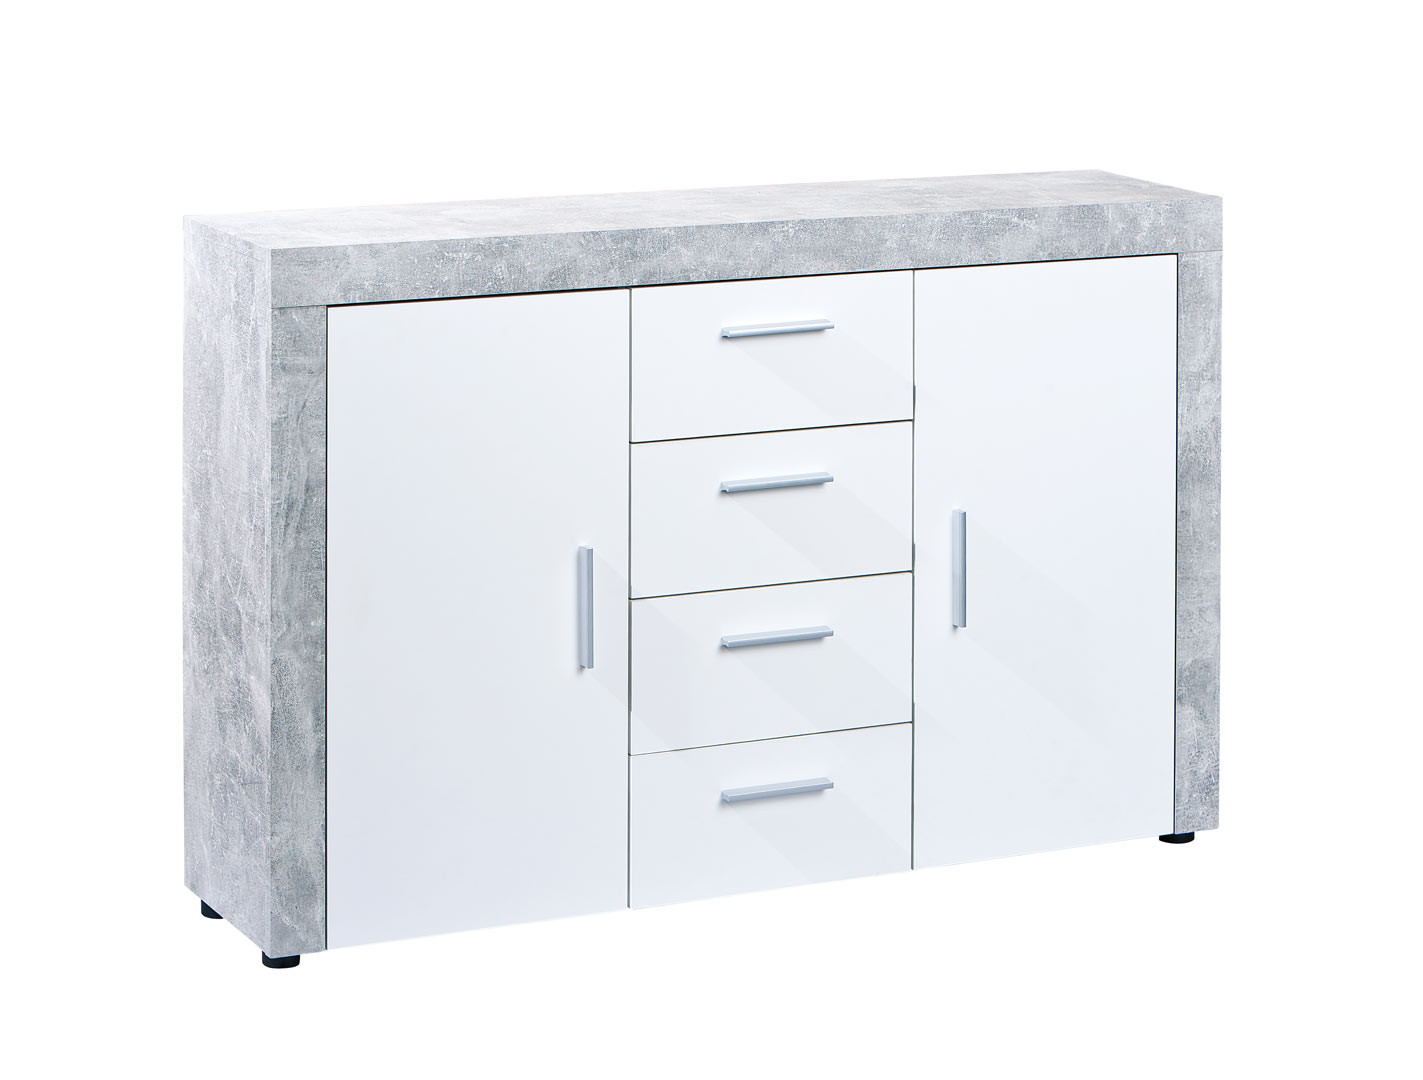 Meuble de rangement contemporain 134 cm blanc/béton Colibri